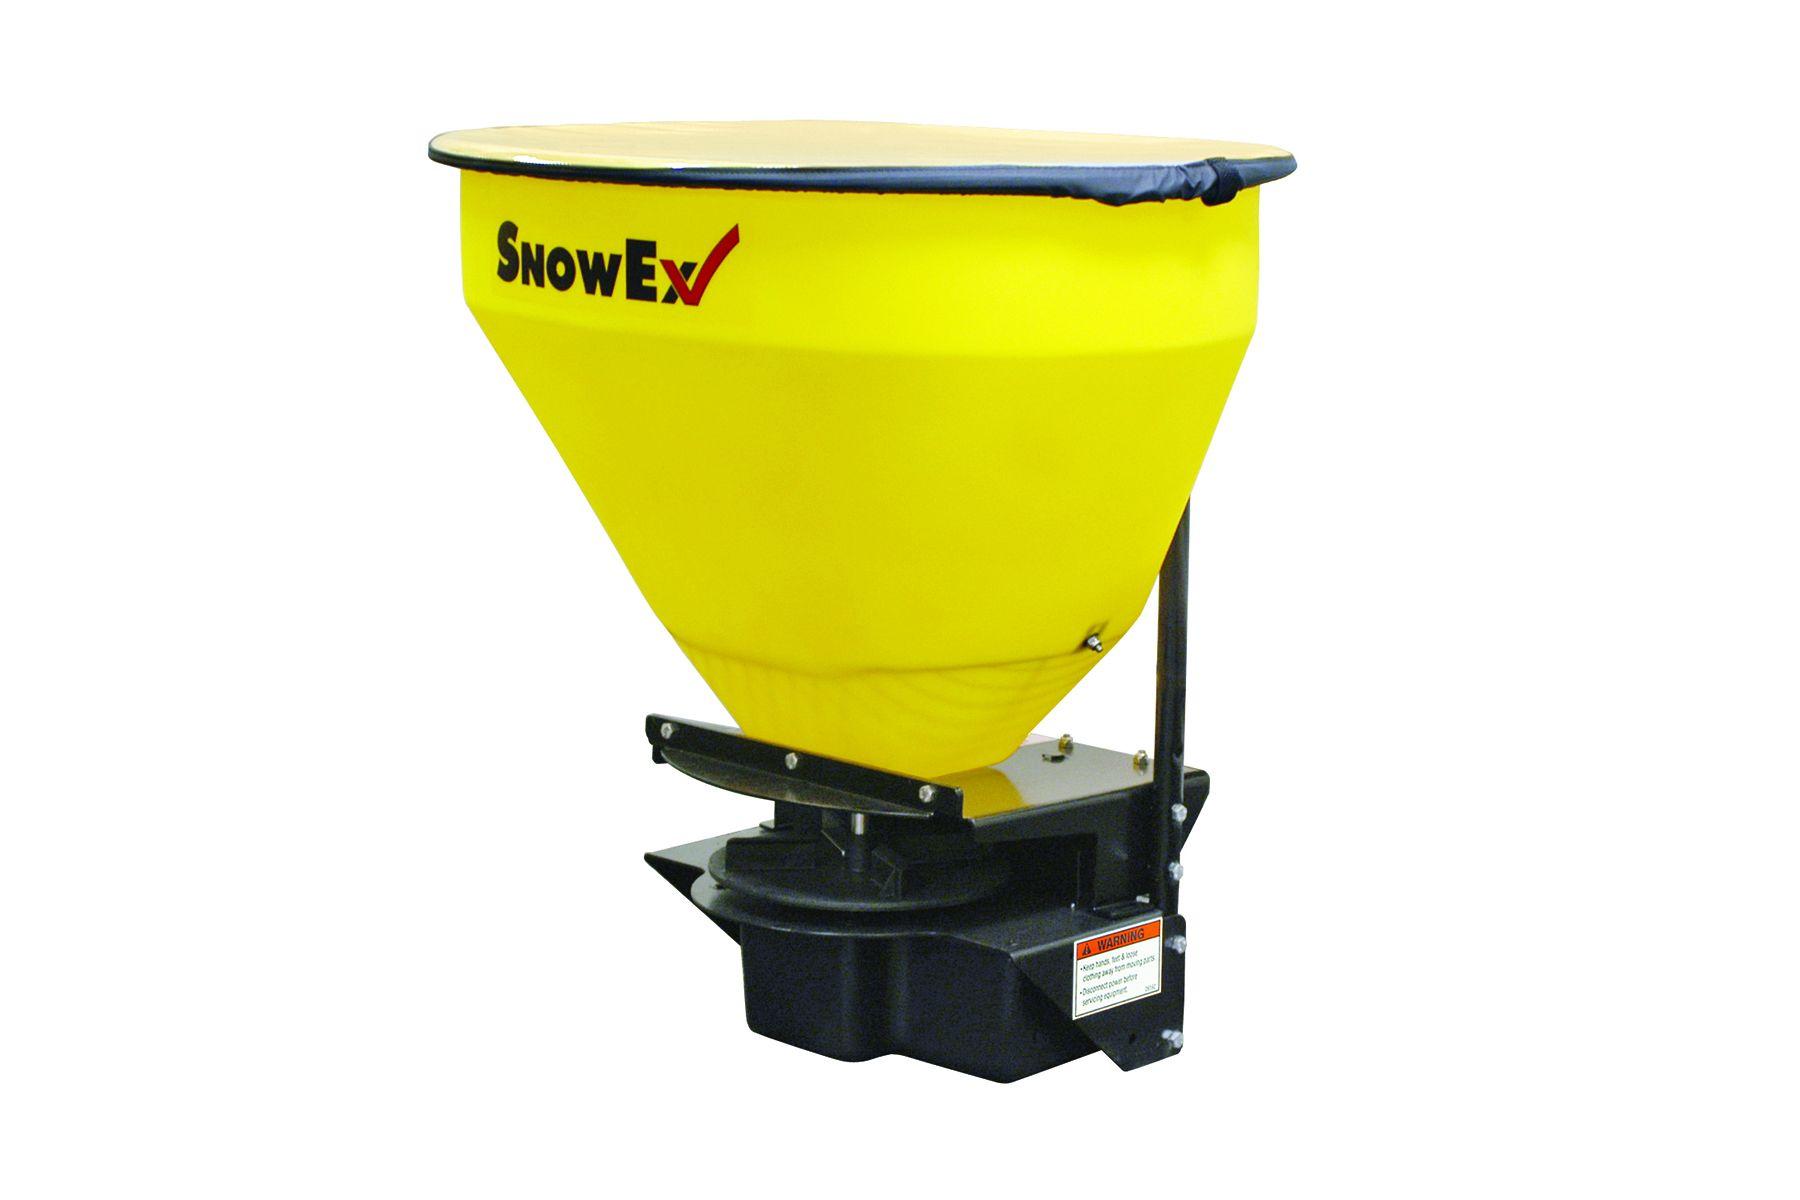 SP-100 SnowEx Salter